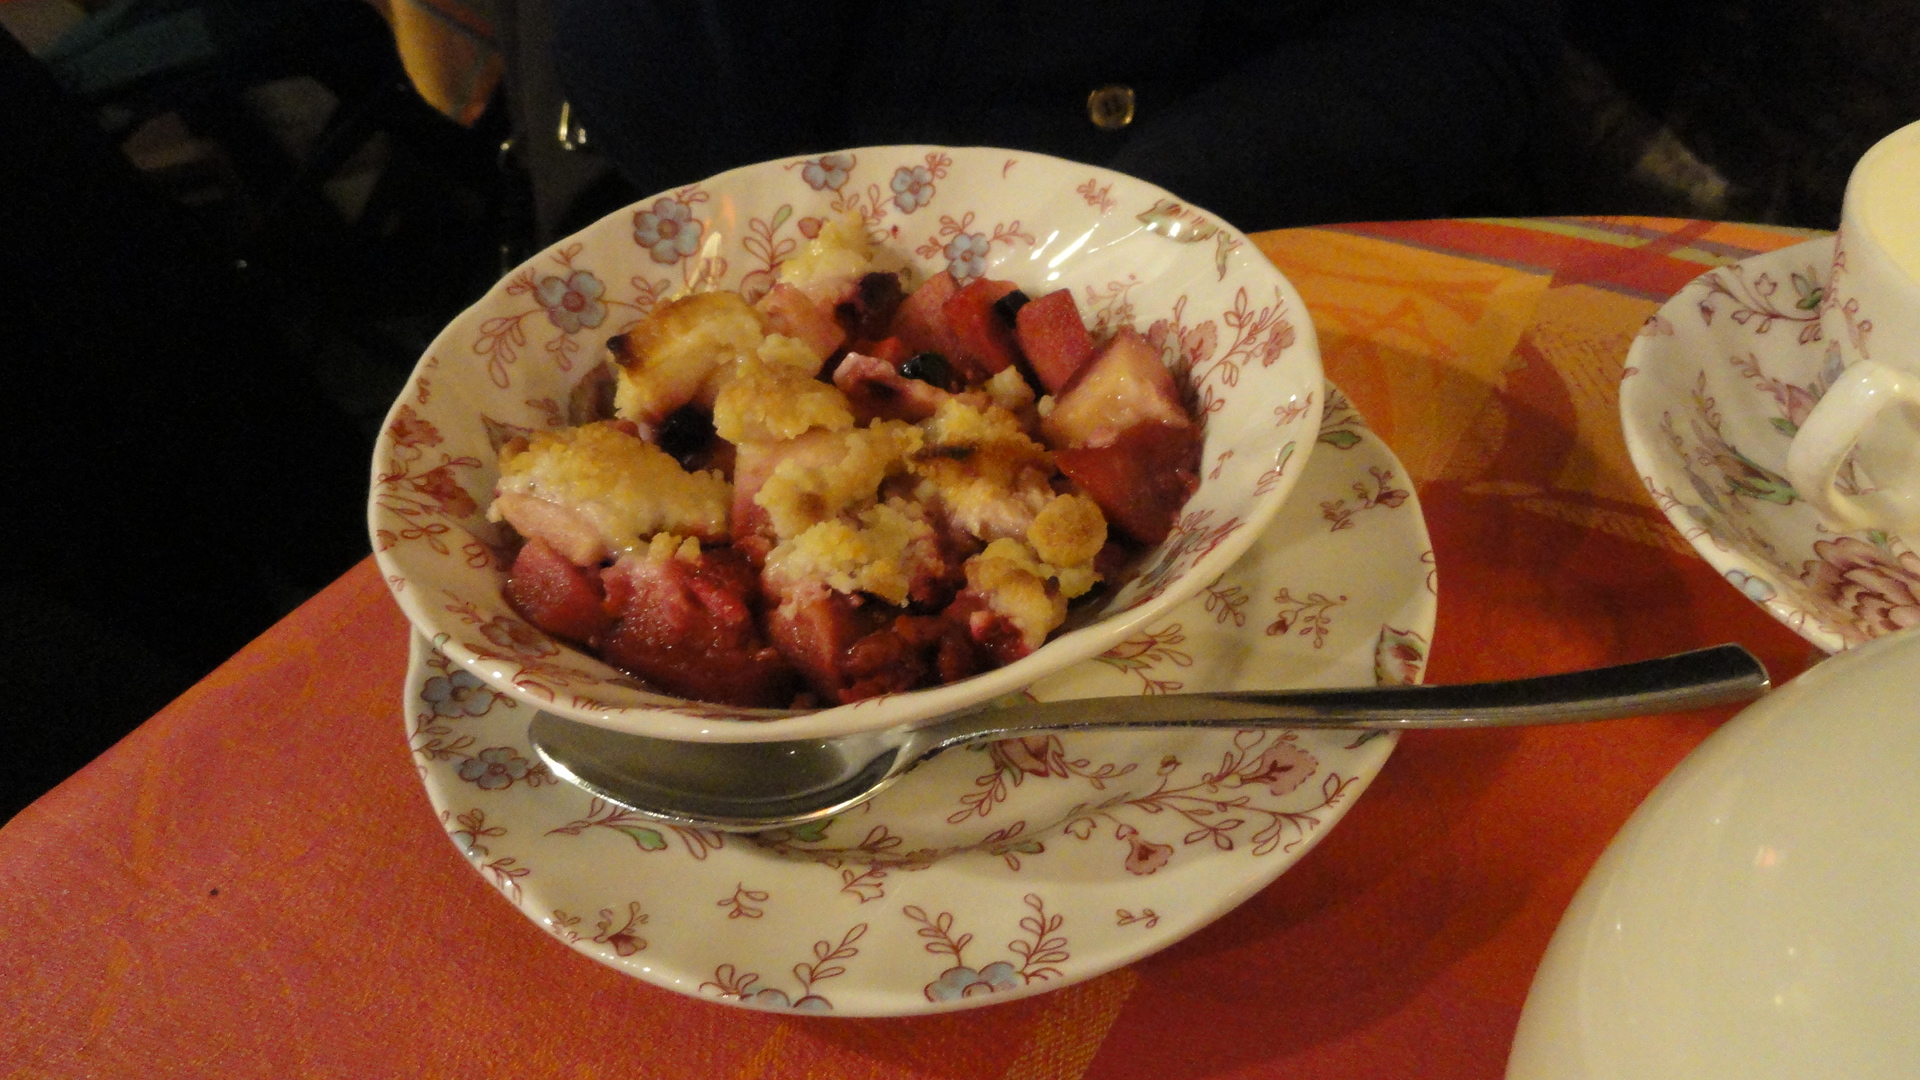 Brunch au Queen Ann - Crumble aux fruits rouges